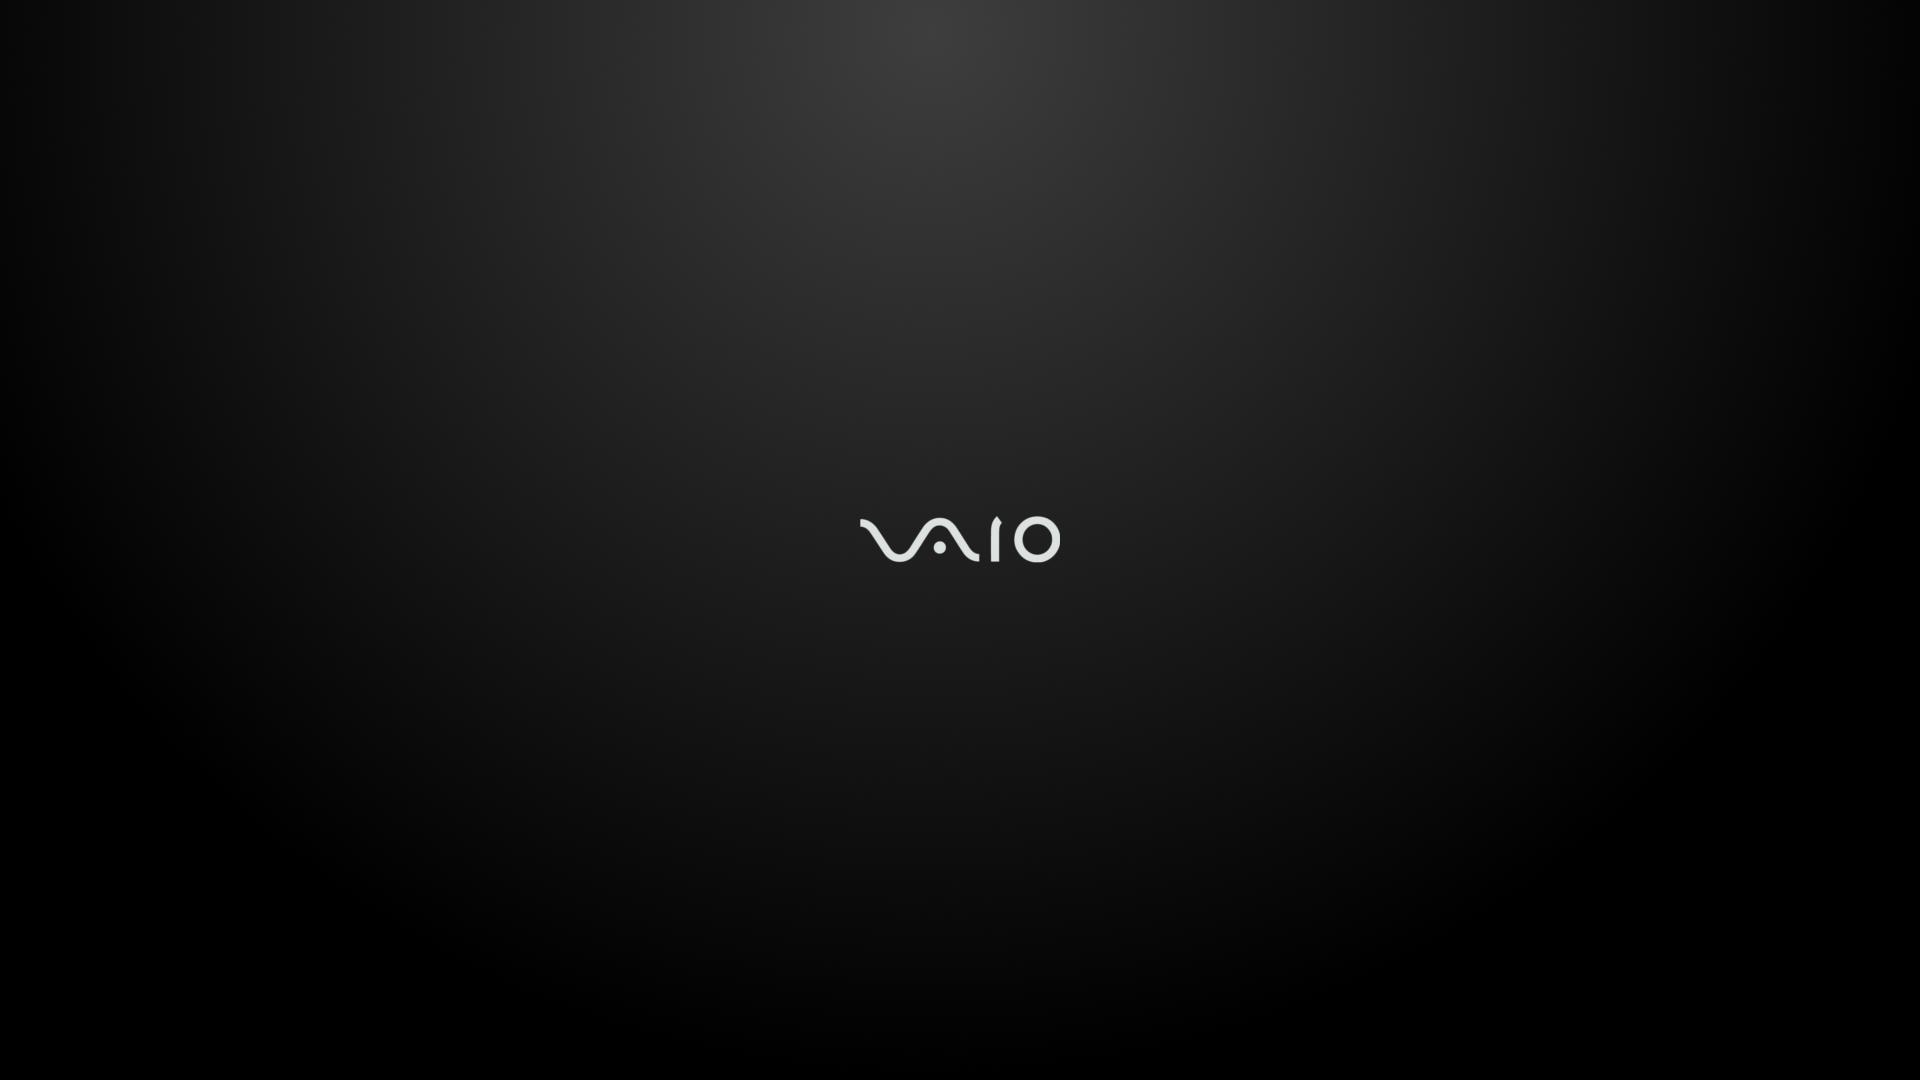 vaio wallpaper 1920x1080 wallpapersafari